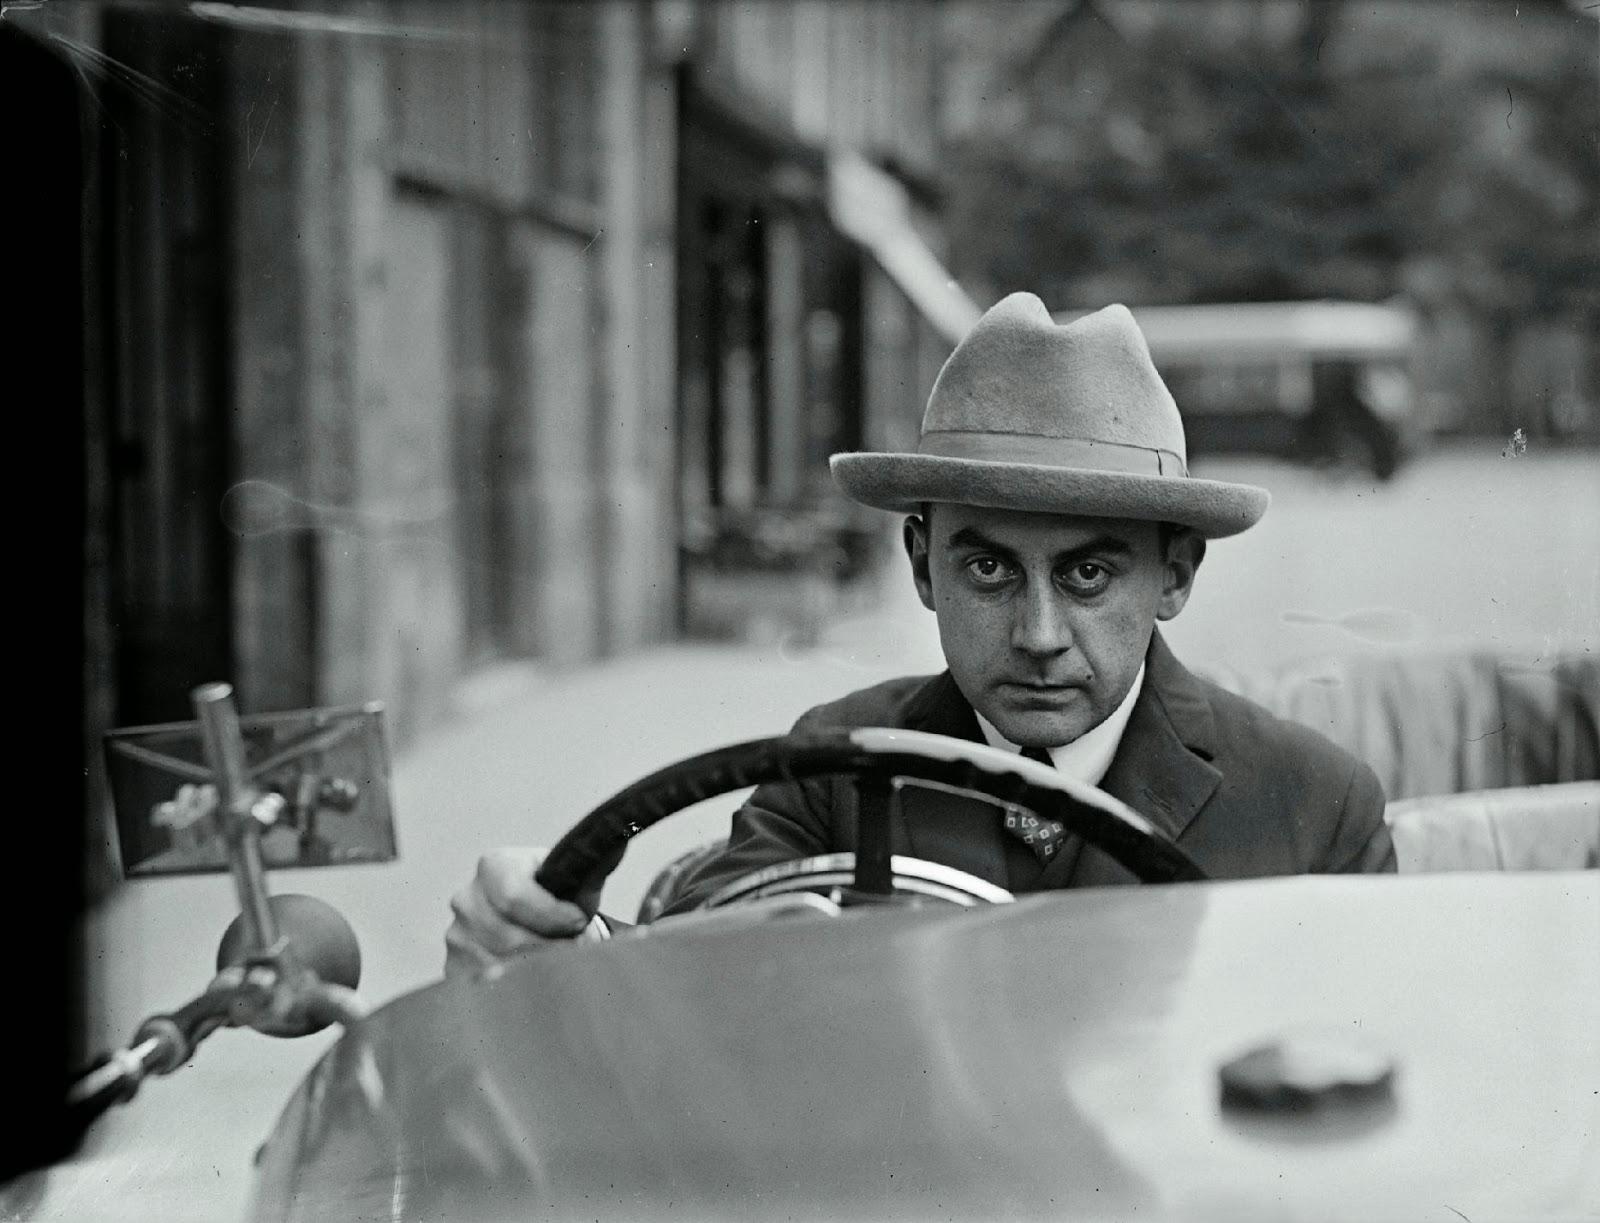 002. Man Ray Autoportrait au volant